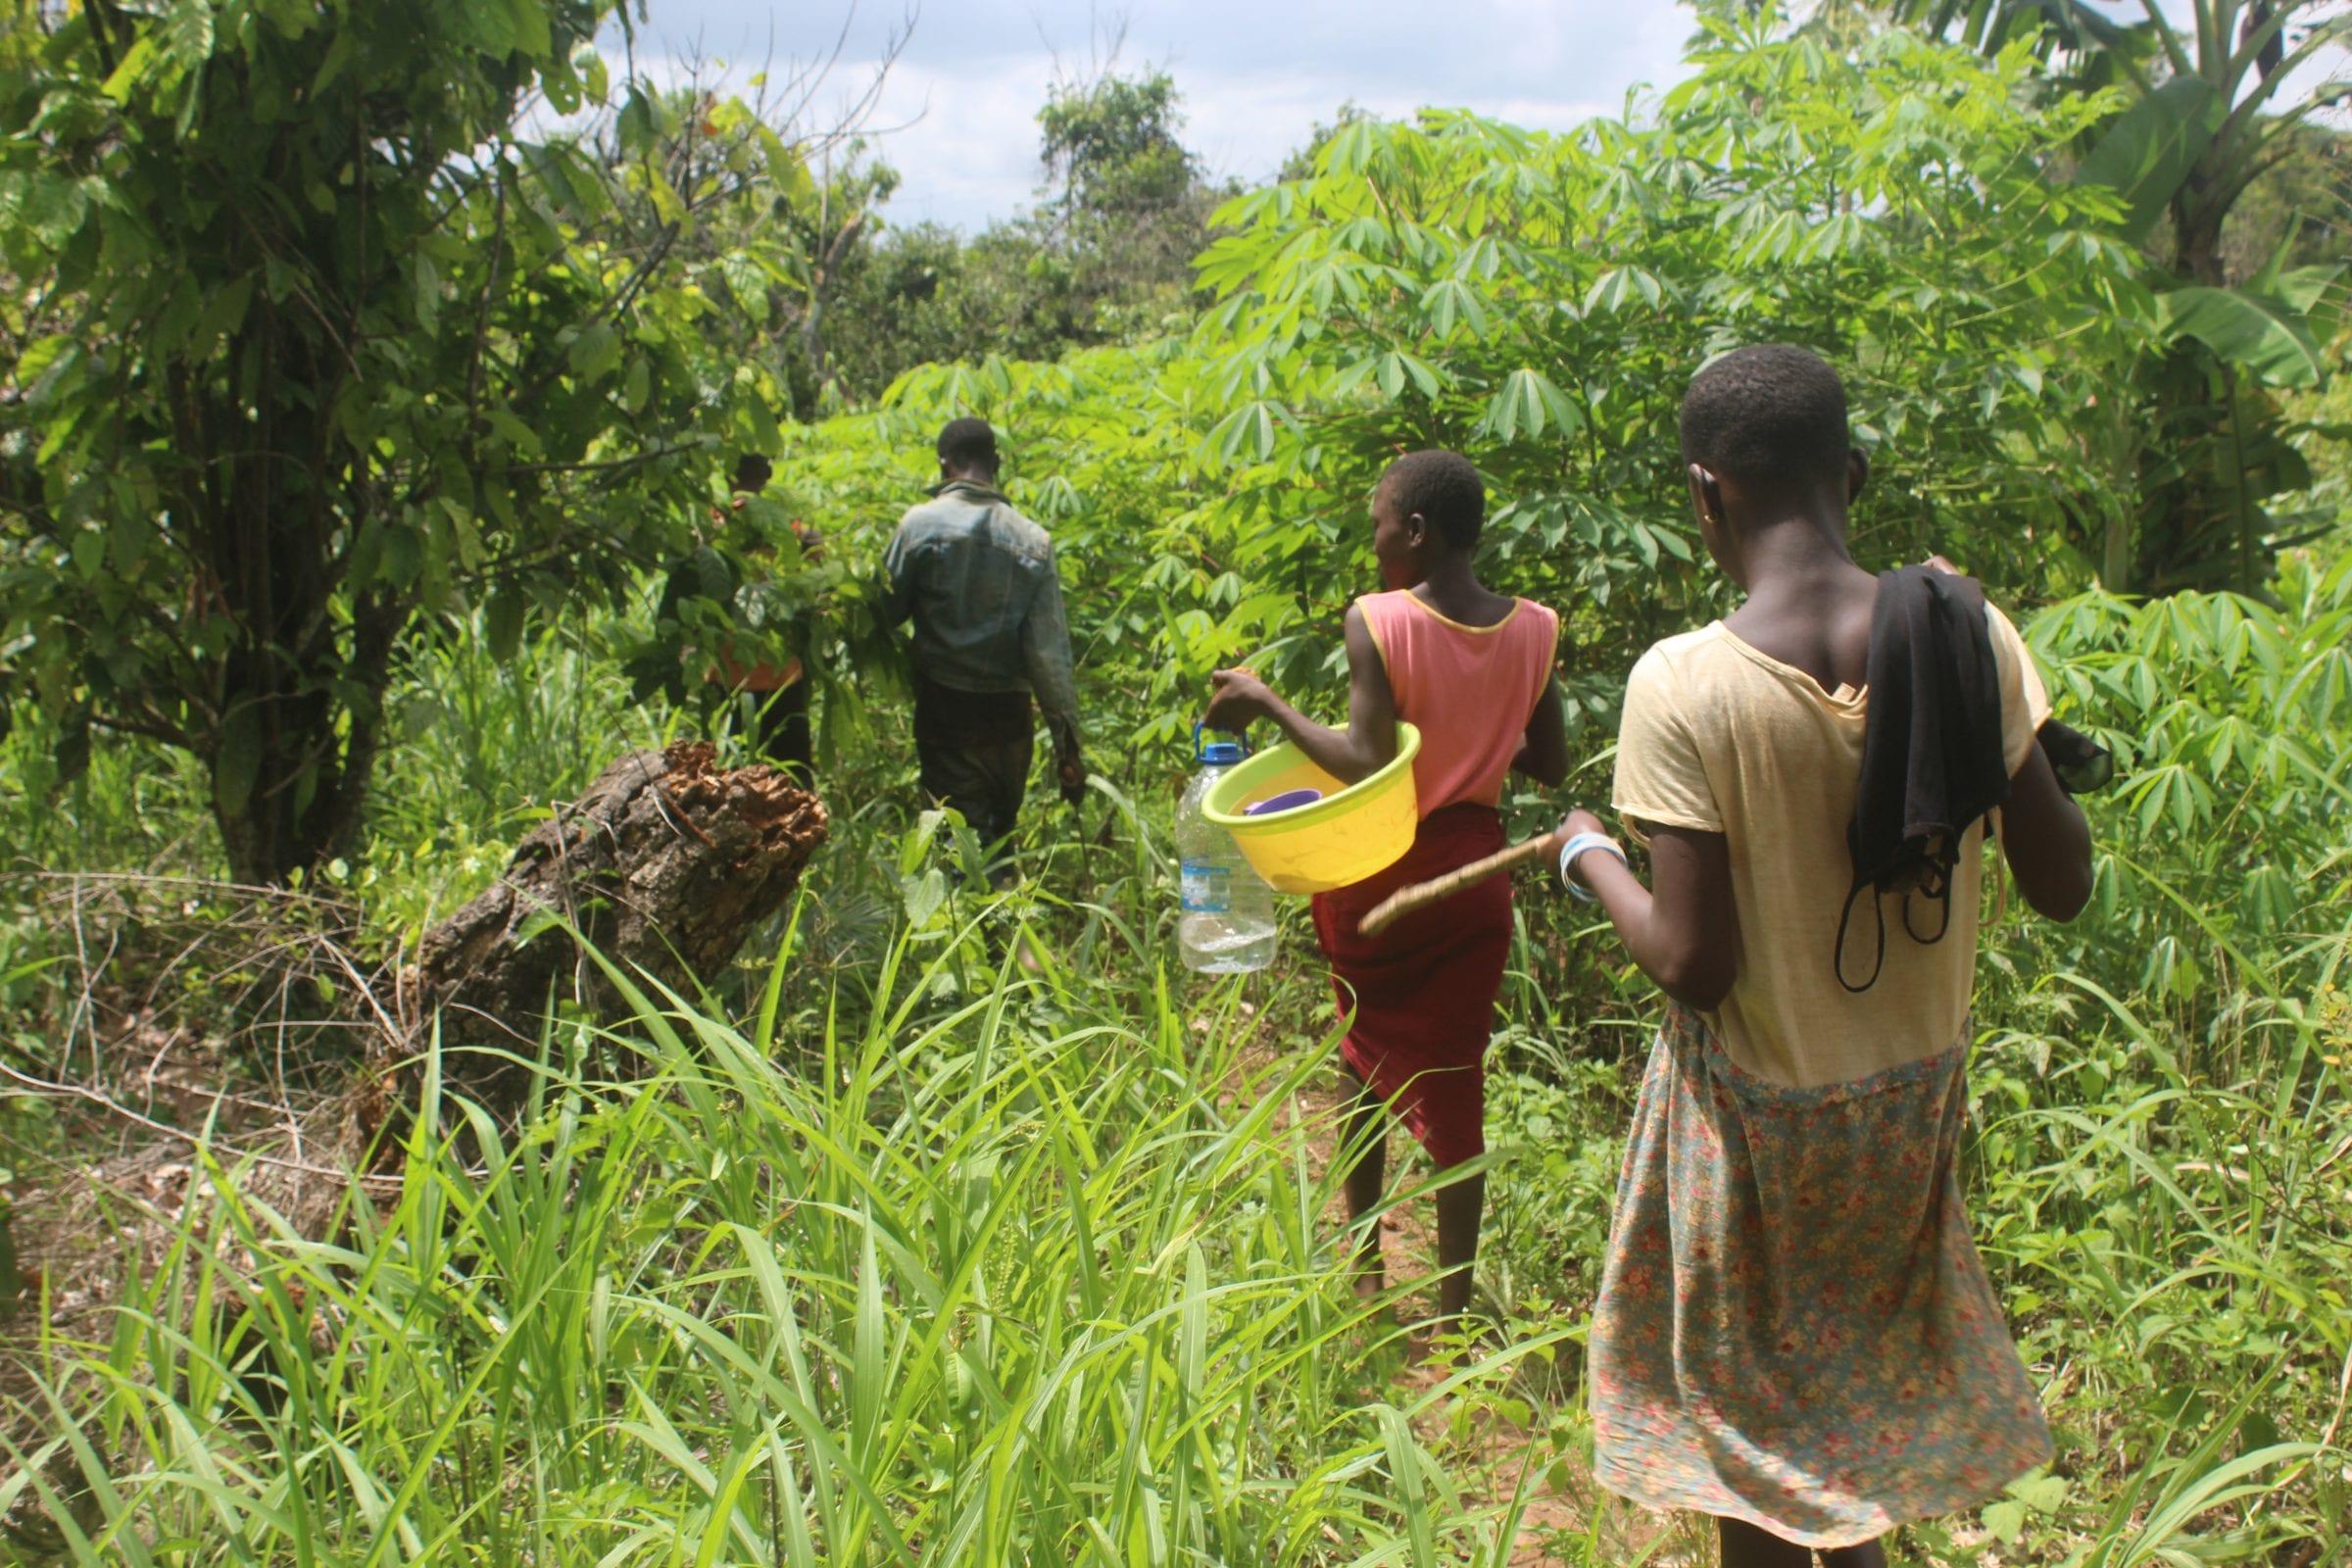 Børn på en kakaoplantage i Elfenbenskysten, som Danwatch besøgte i juni 2020.